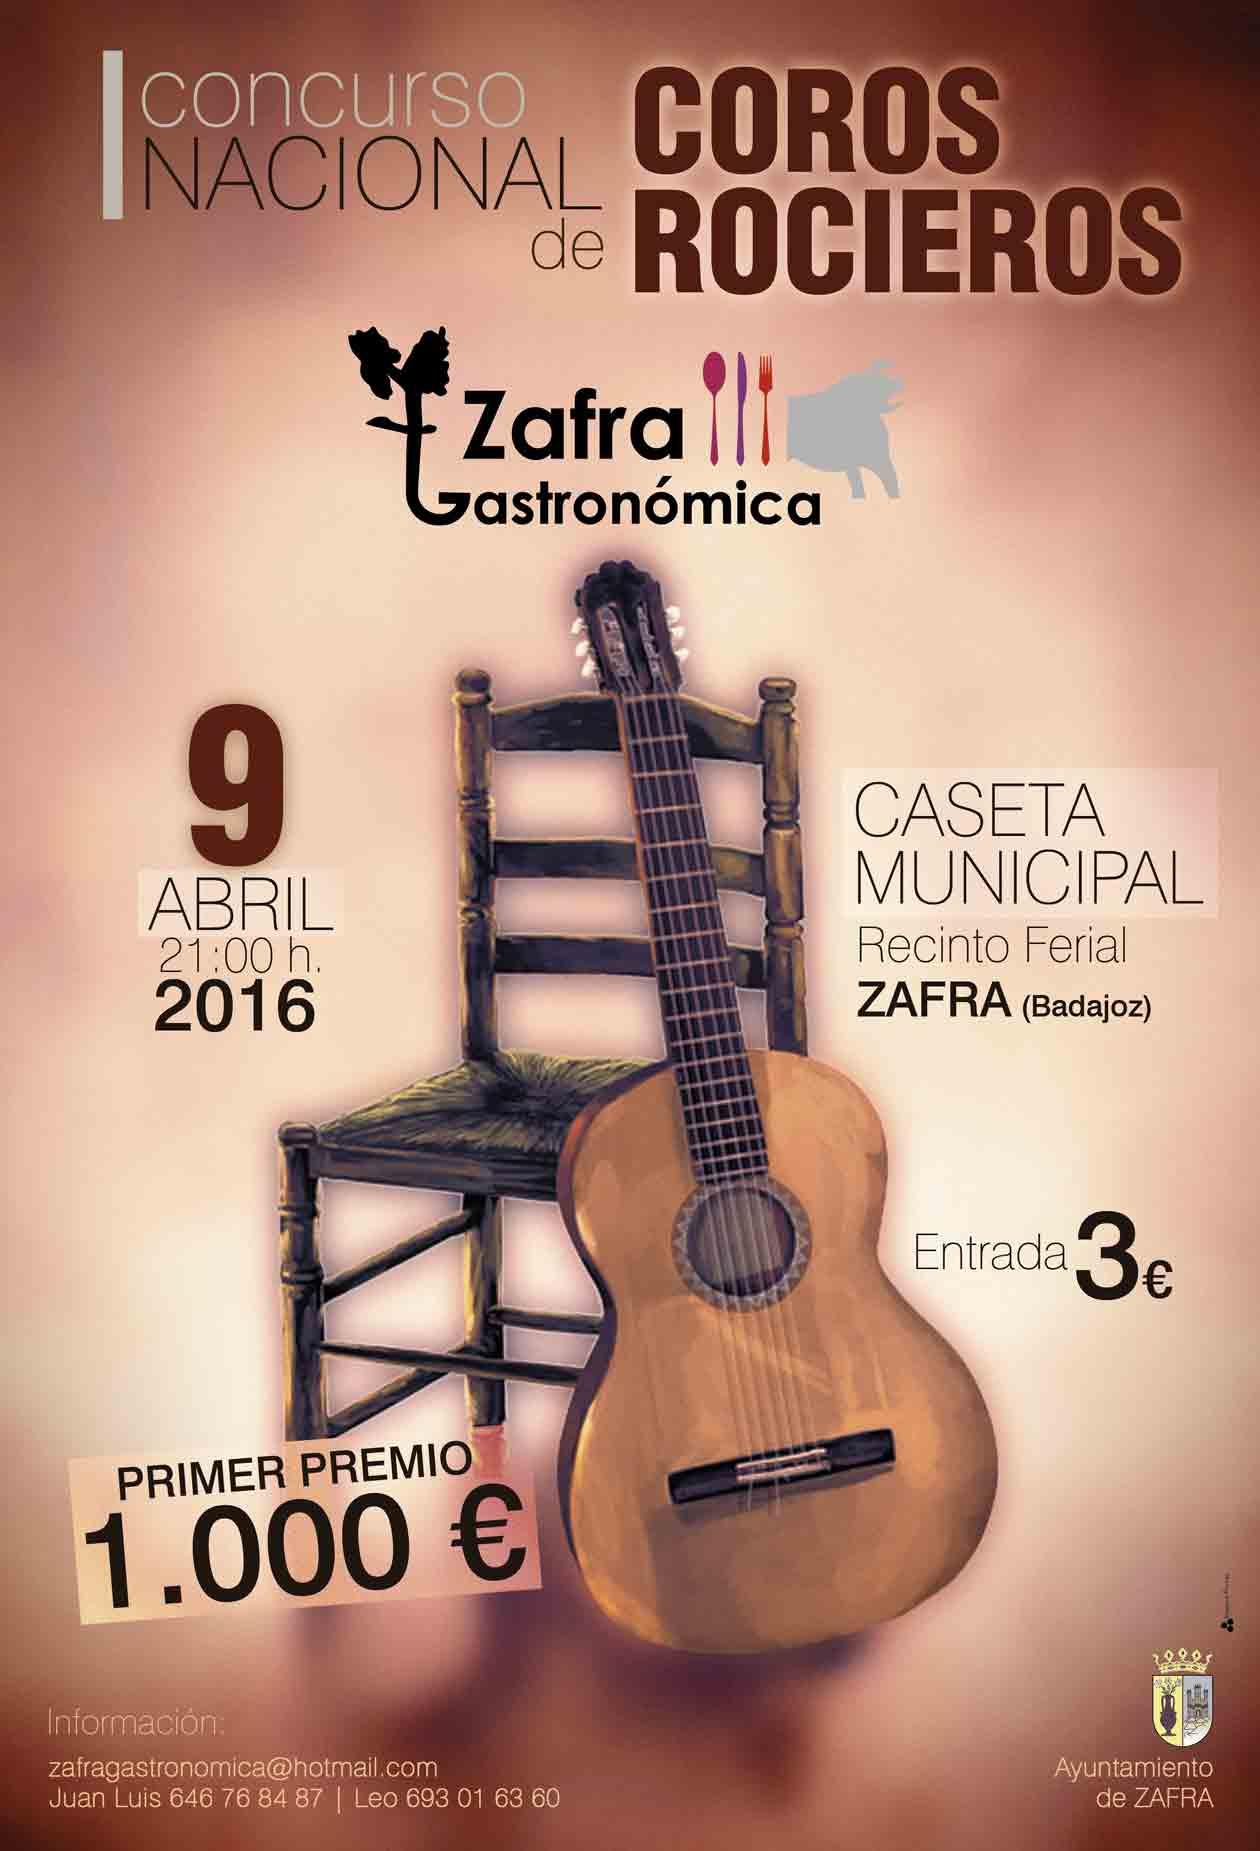 Zafra - 1 concurso COROS rocieros